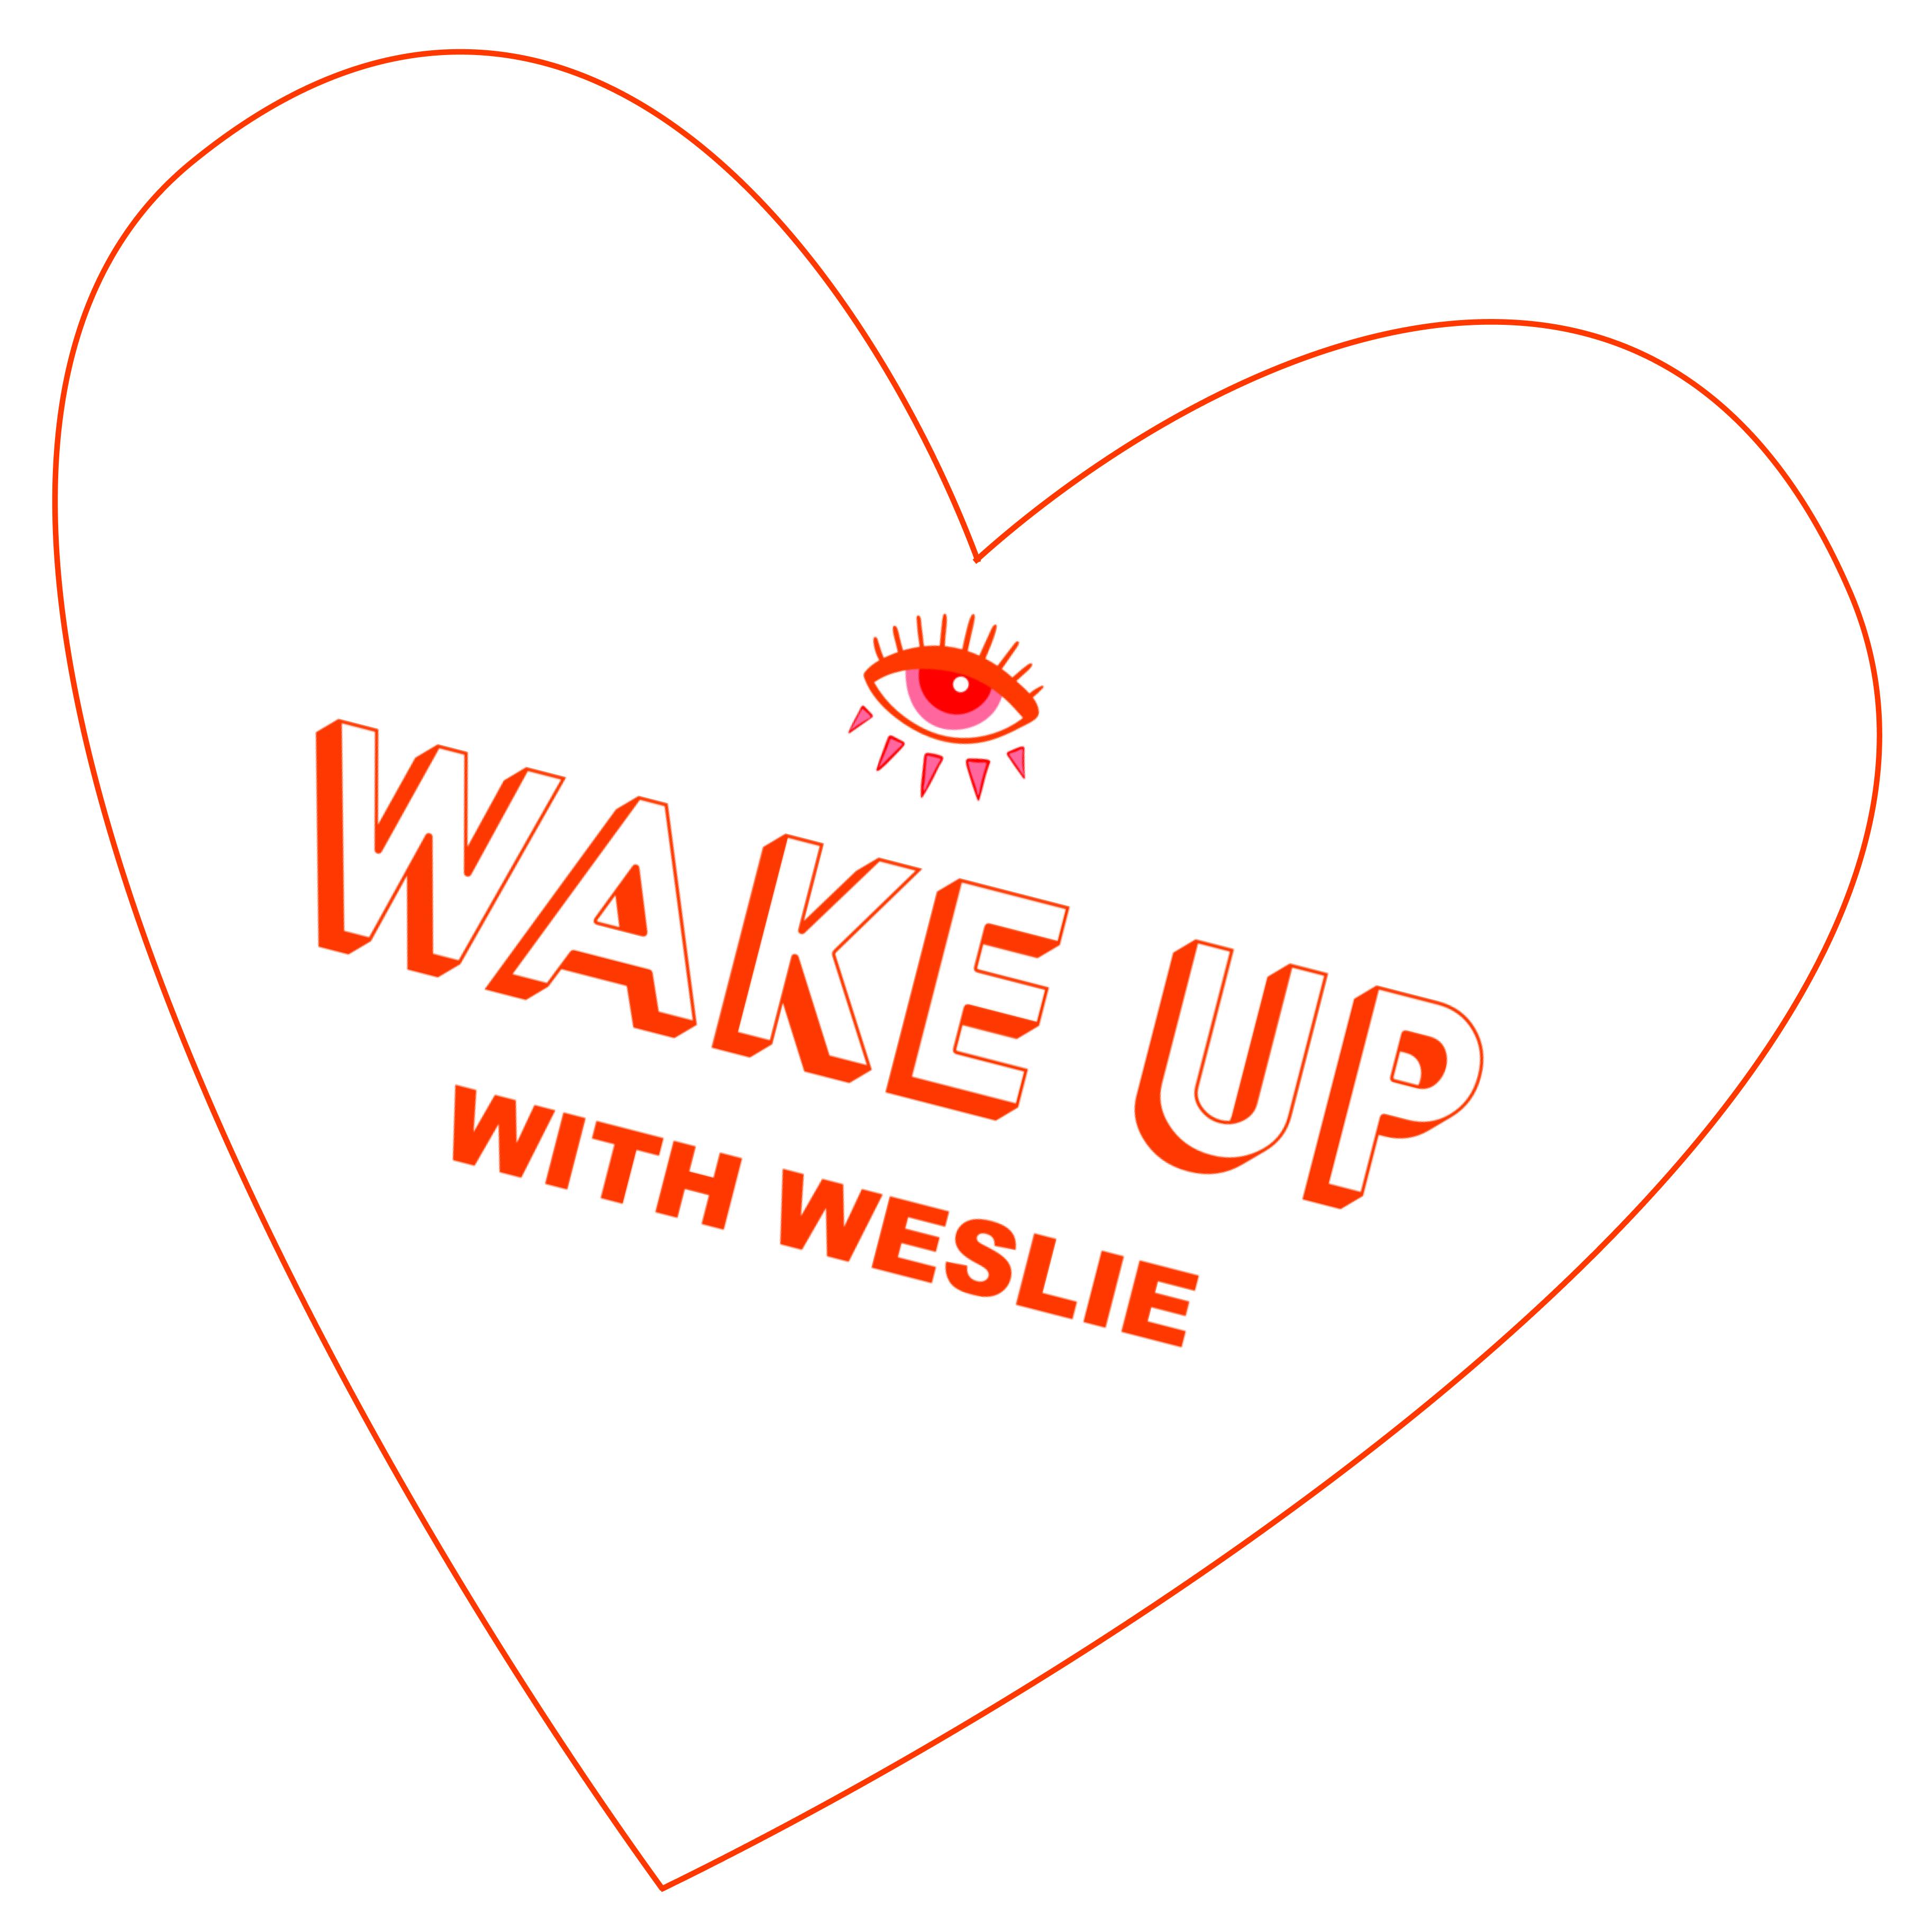 wokeeye_with heart.png